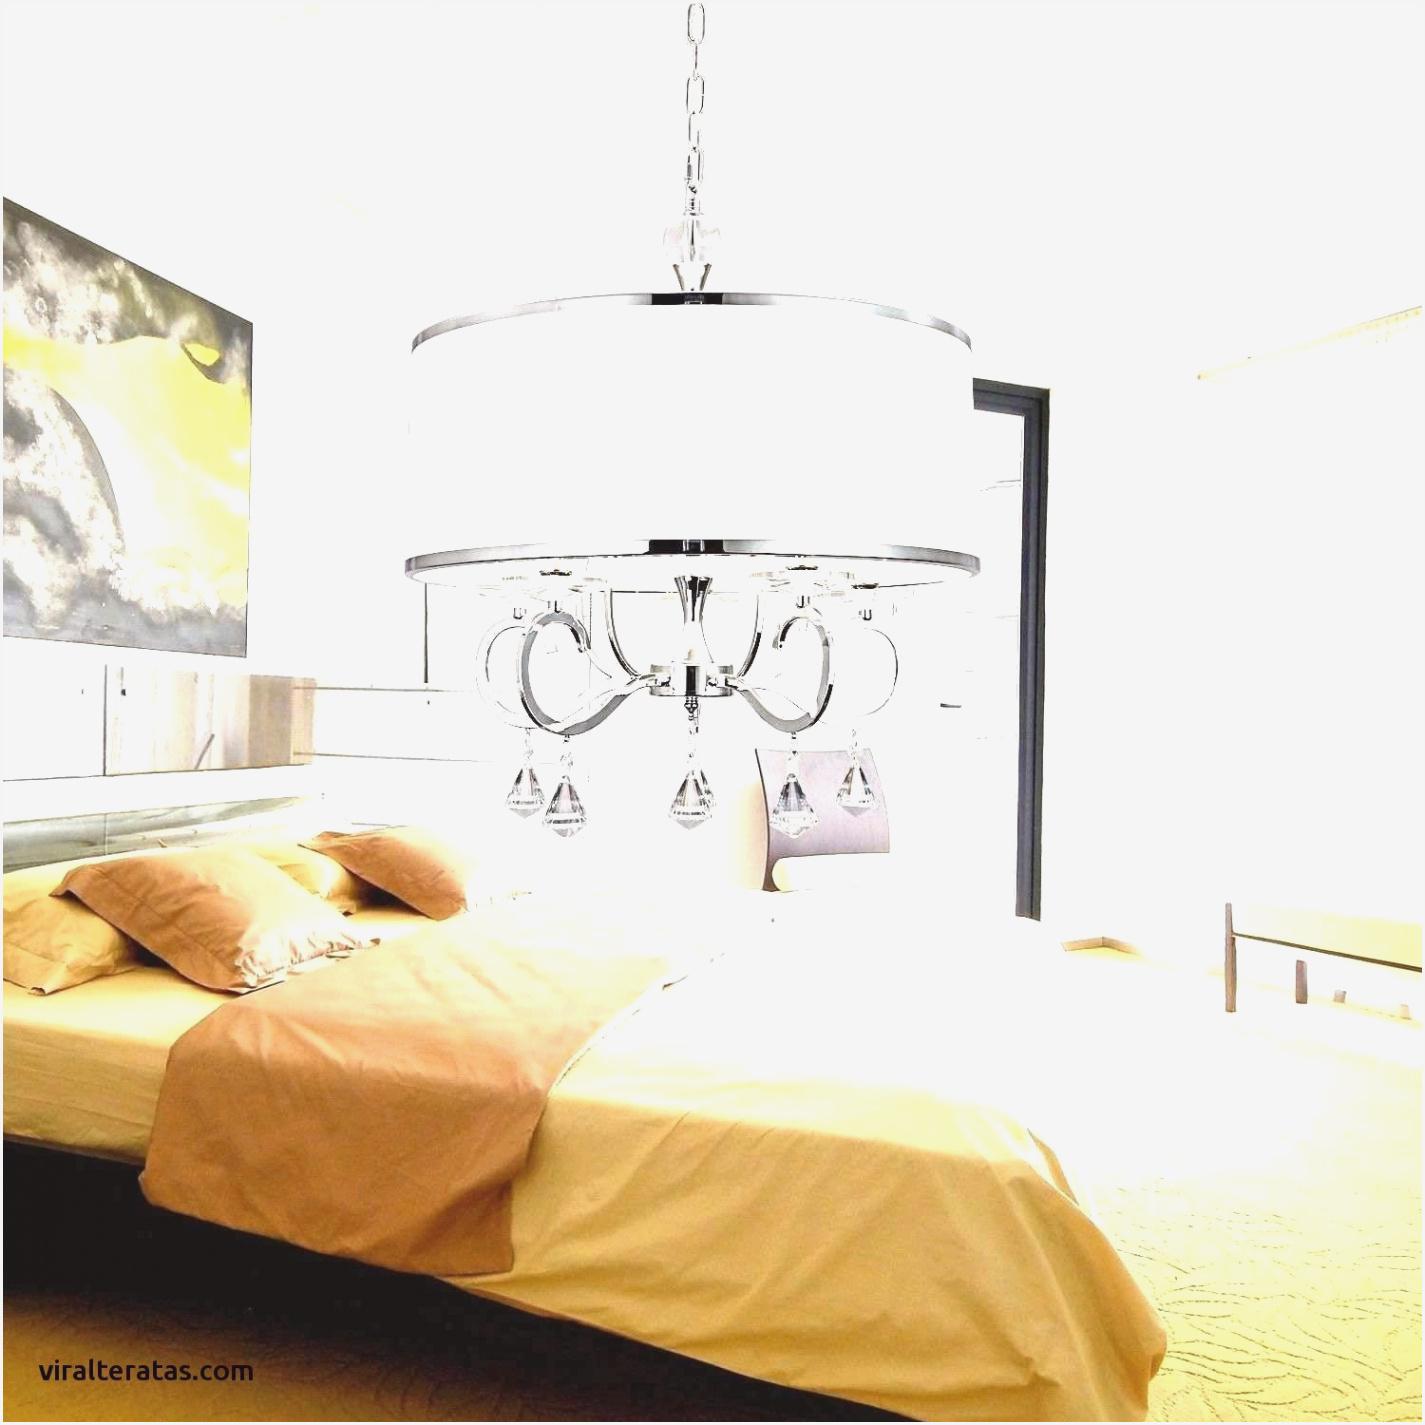 Full Size of Schlafzimmer Tapeten Ideen Wohnzimmer Schrank Kommode Weiß Für Die Küche Led Deckenleuchte Schimmel Im Klimagerät Stehlampe Kommoden Weißes Stuhl Komplett Wohnzimmer Schlafzimmer Tapeten Ideen